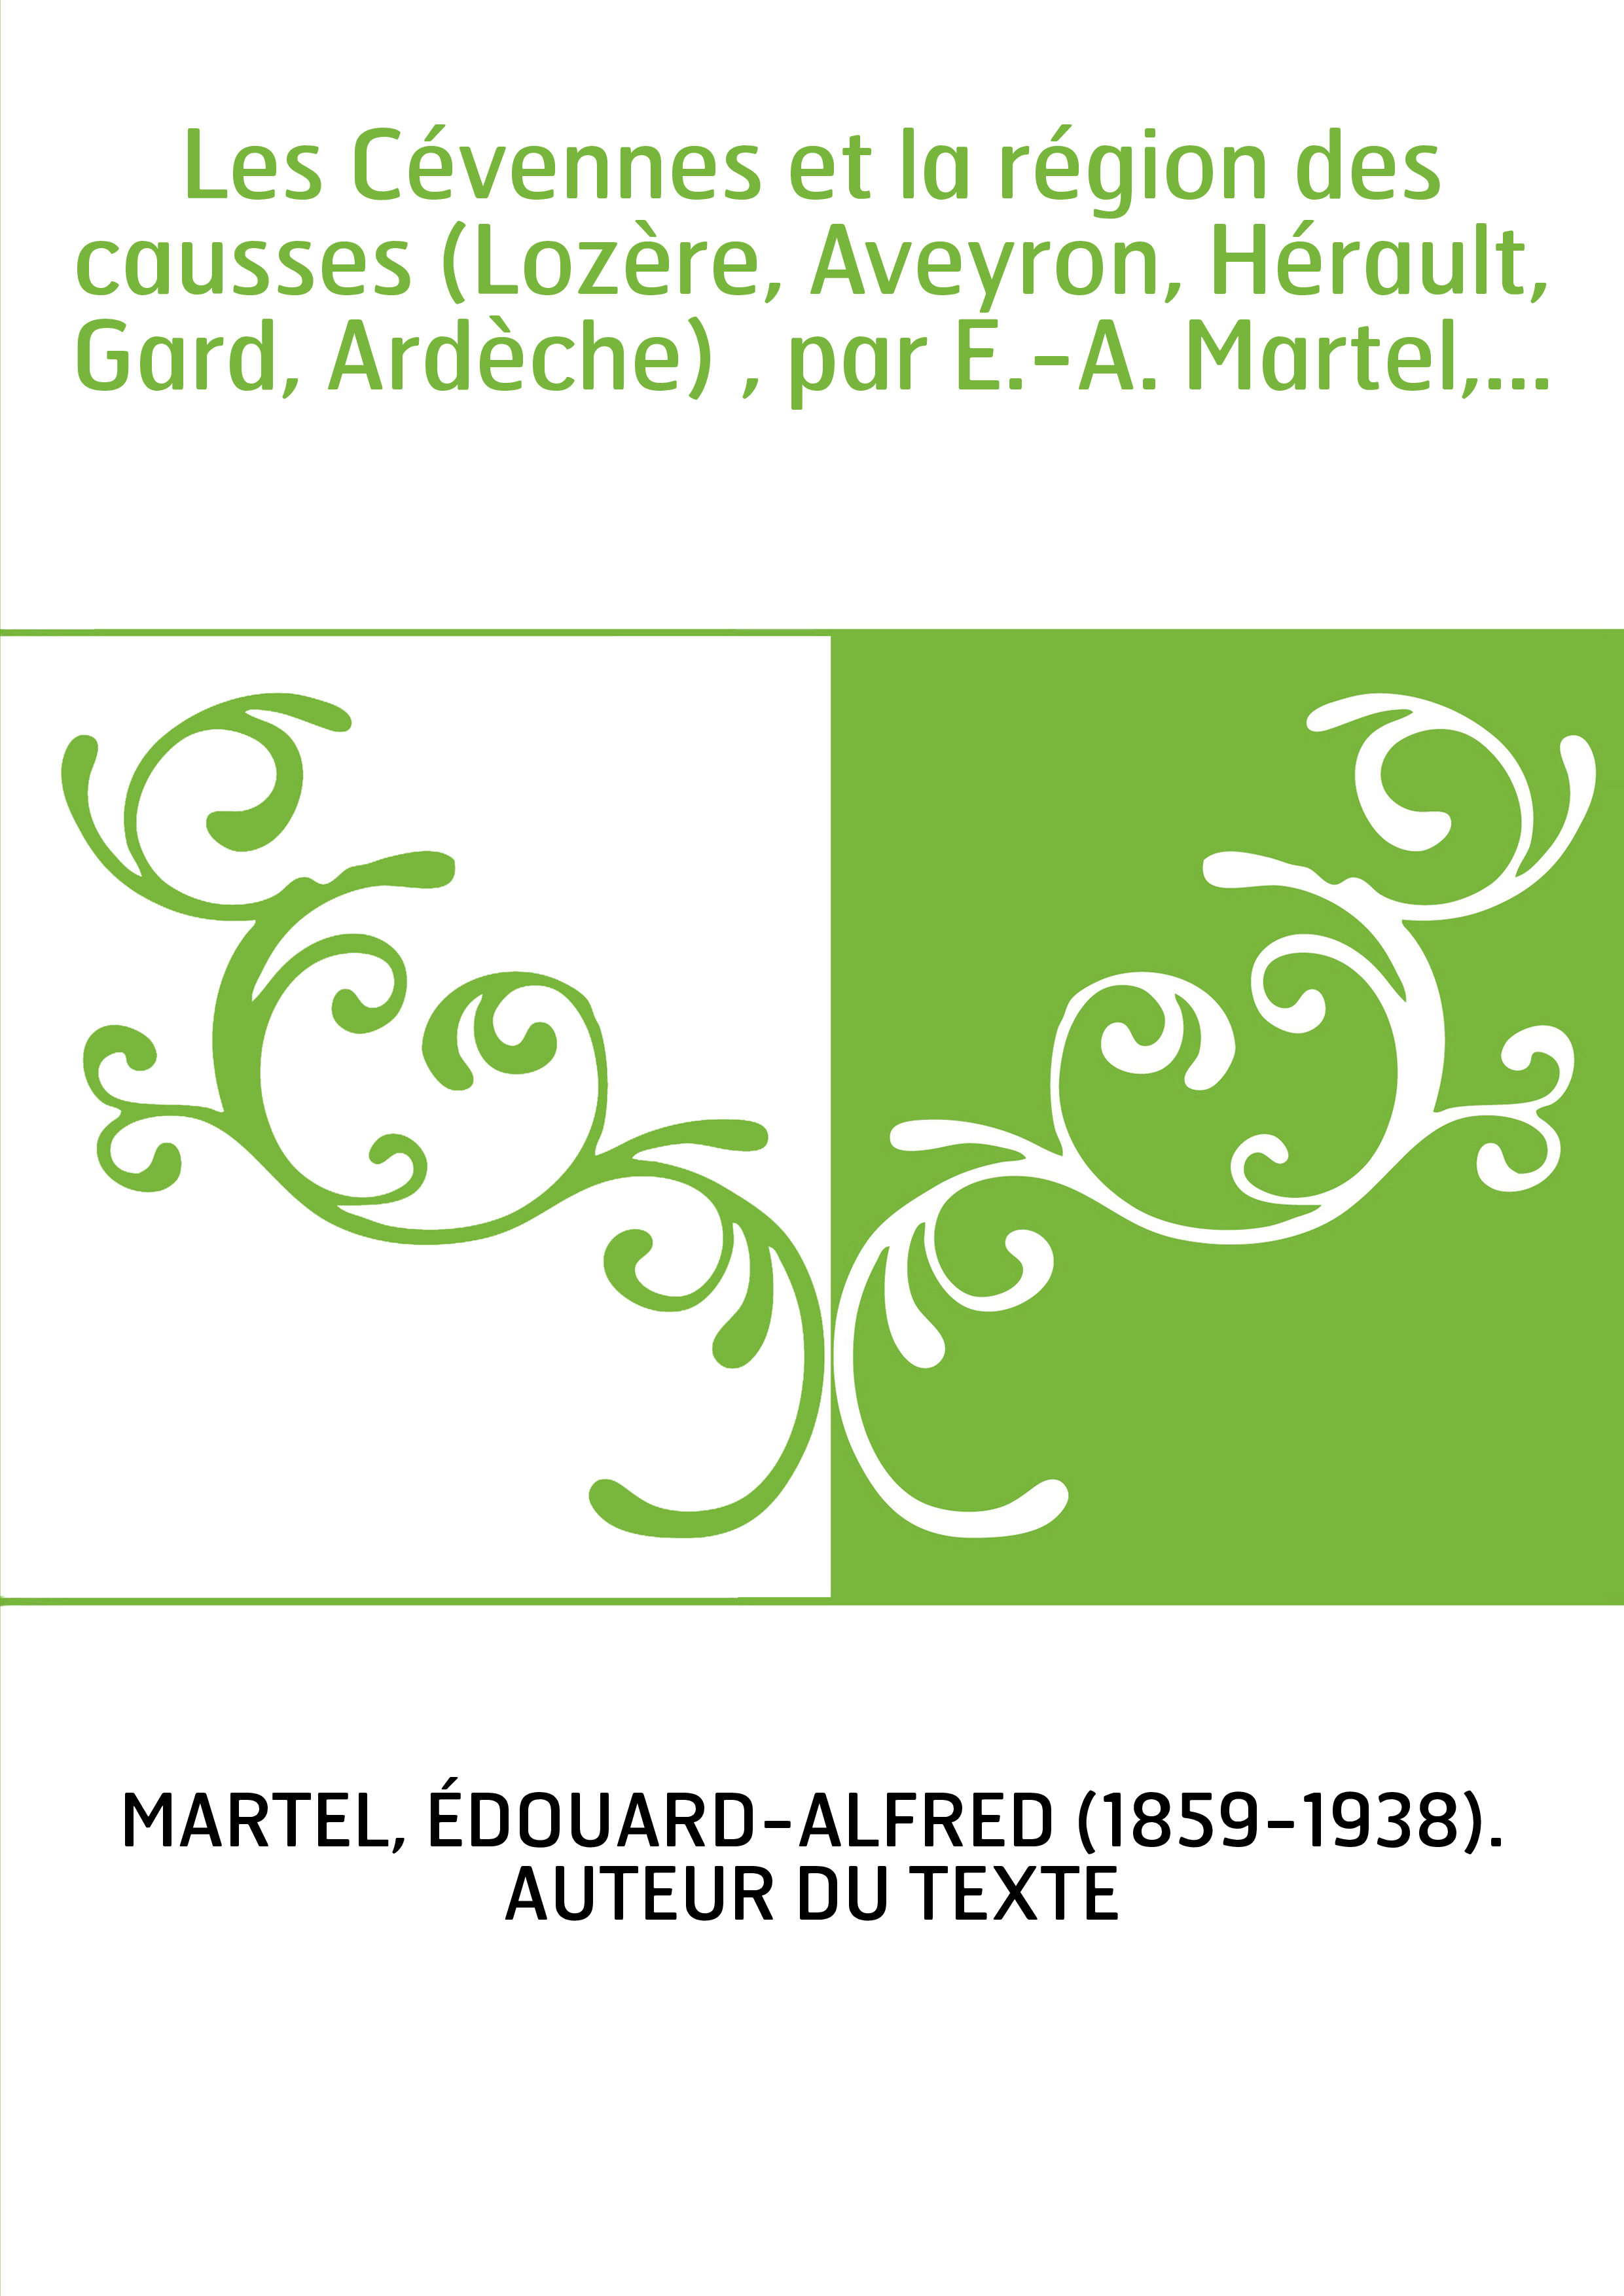 Les Cévennes et la région des causses (Lozère, Aveyron, Hérault, Gard, Ardèche) , par E.-A. Martel,...